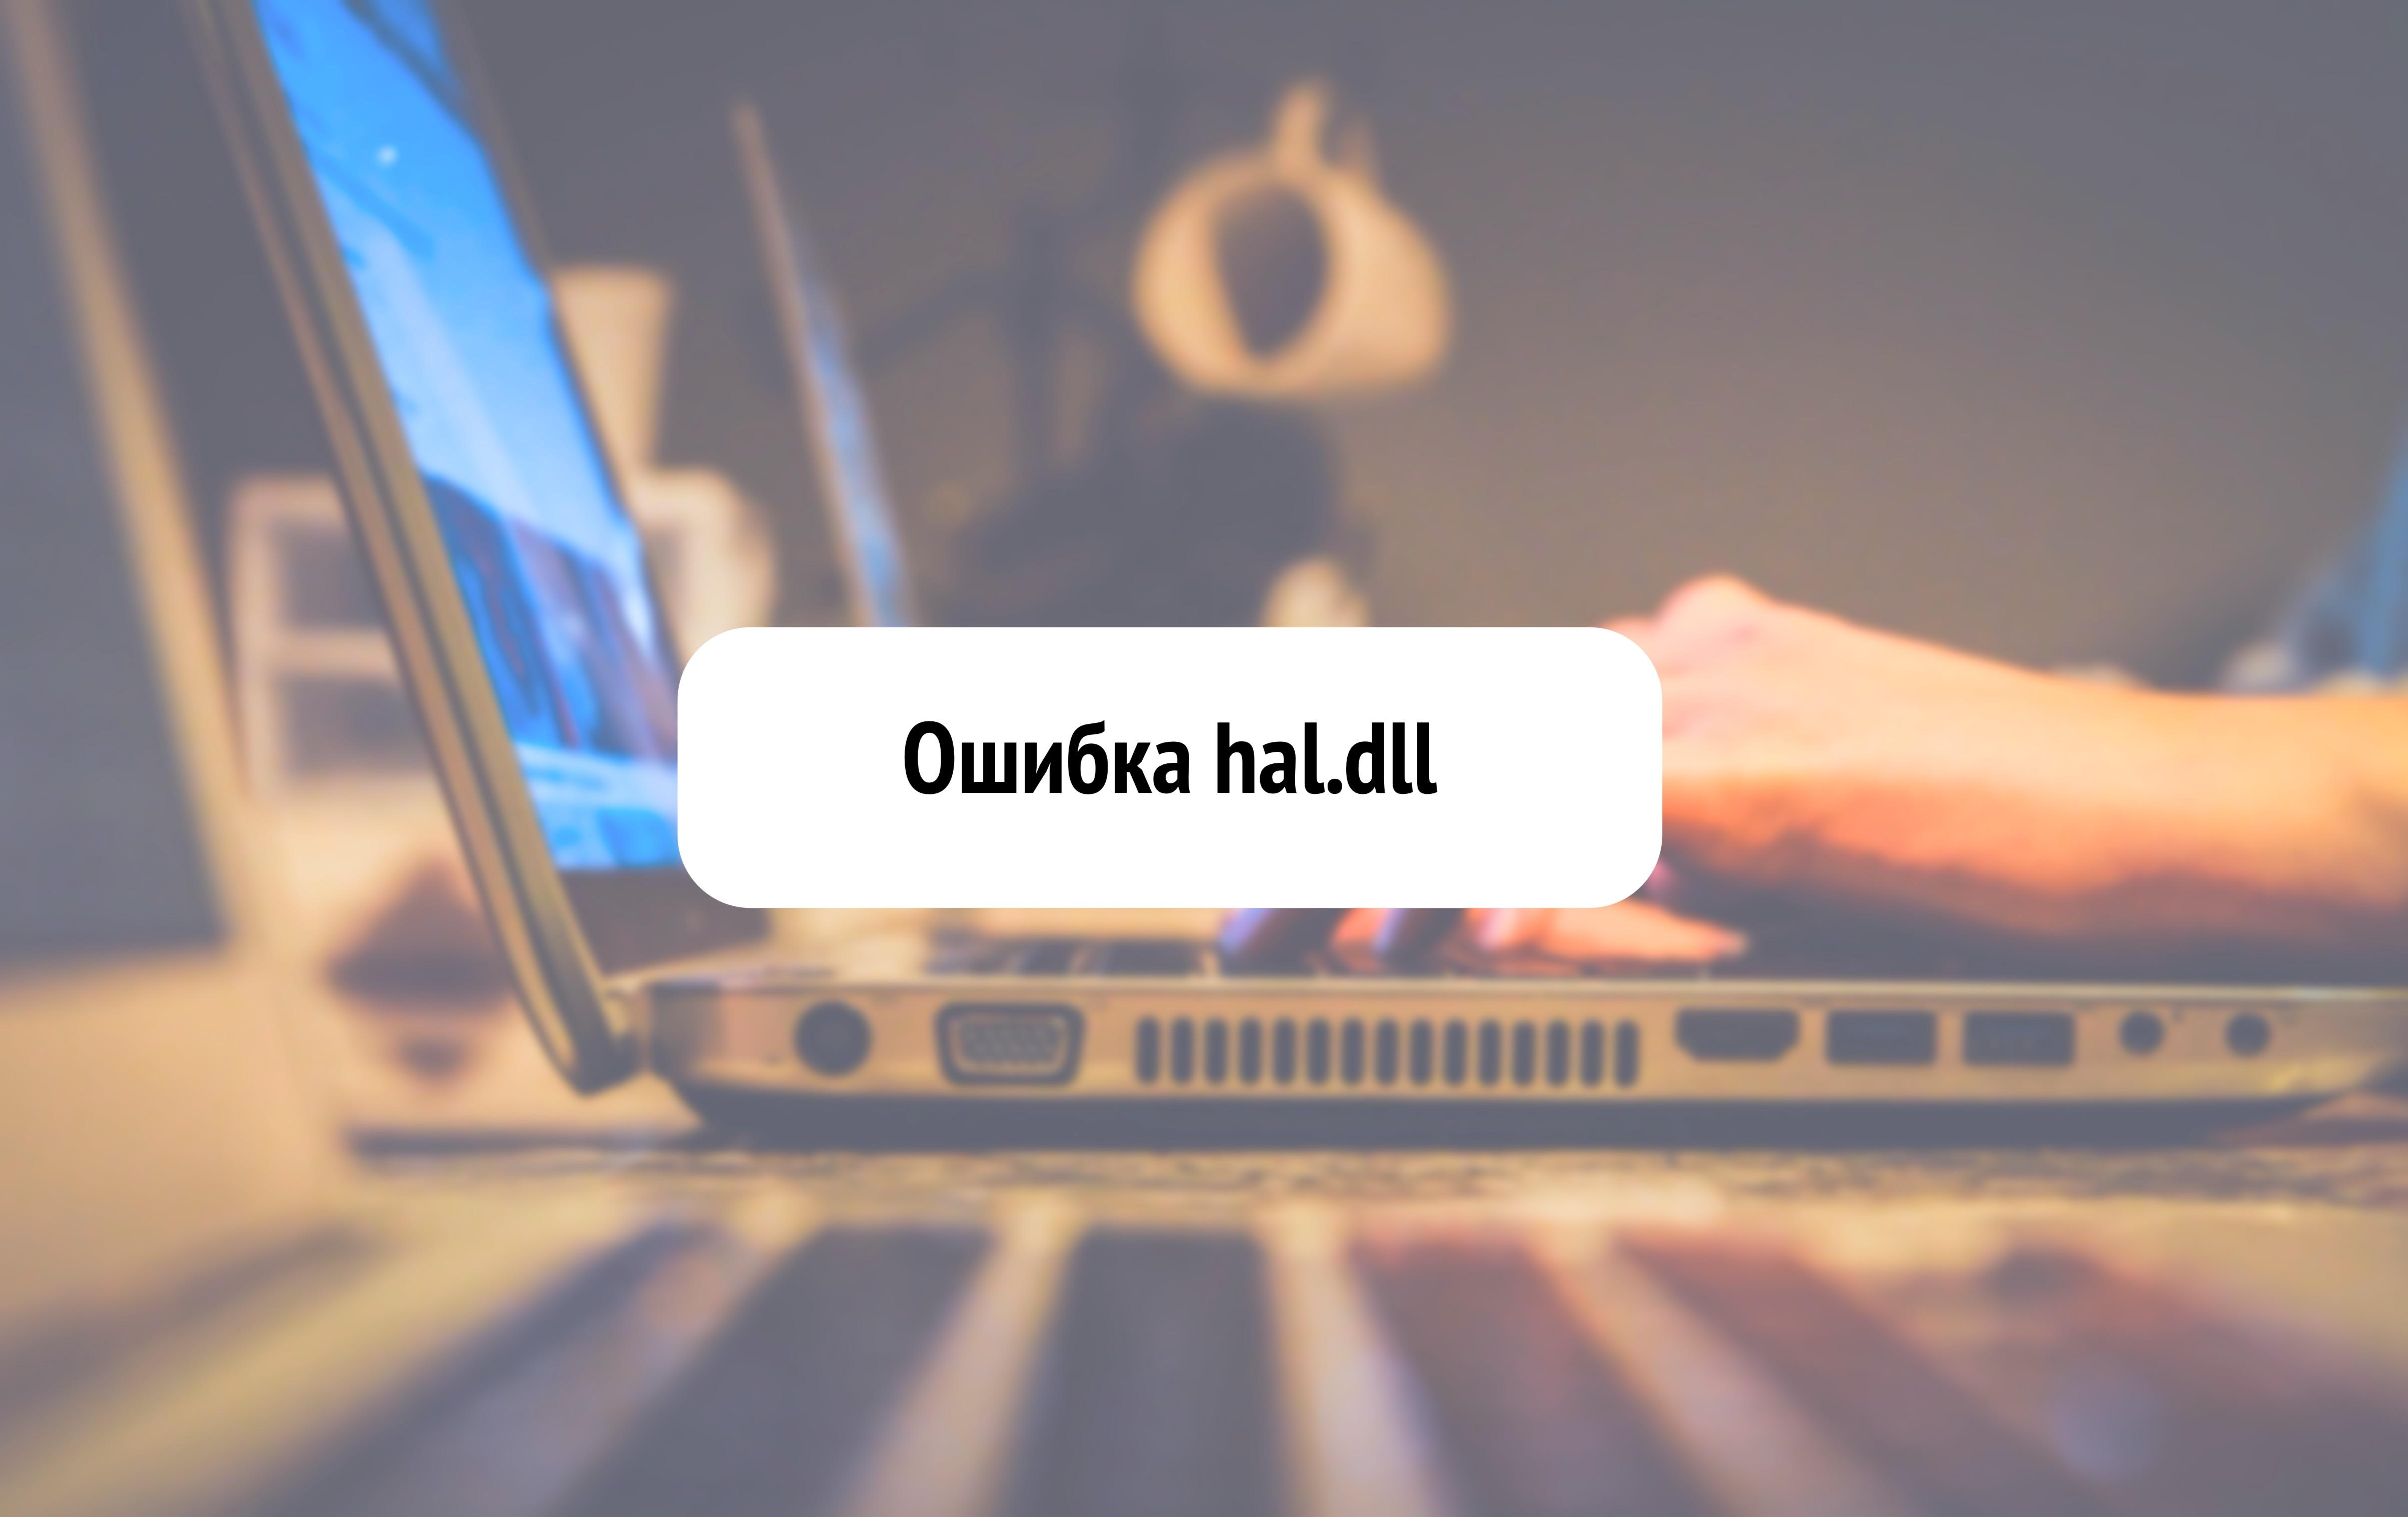 hal.dll: что за ошибка и как исправить